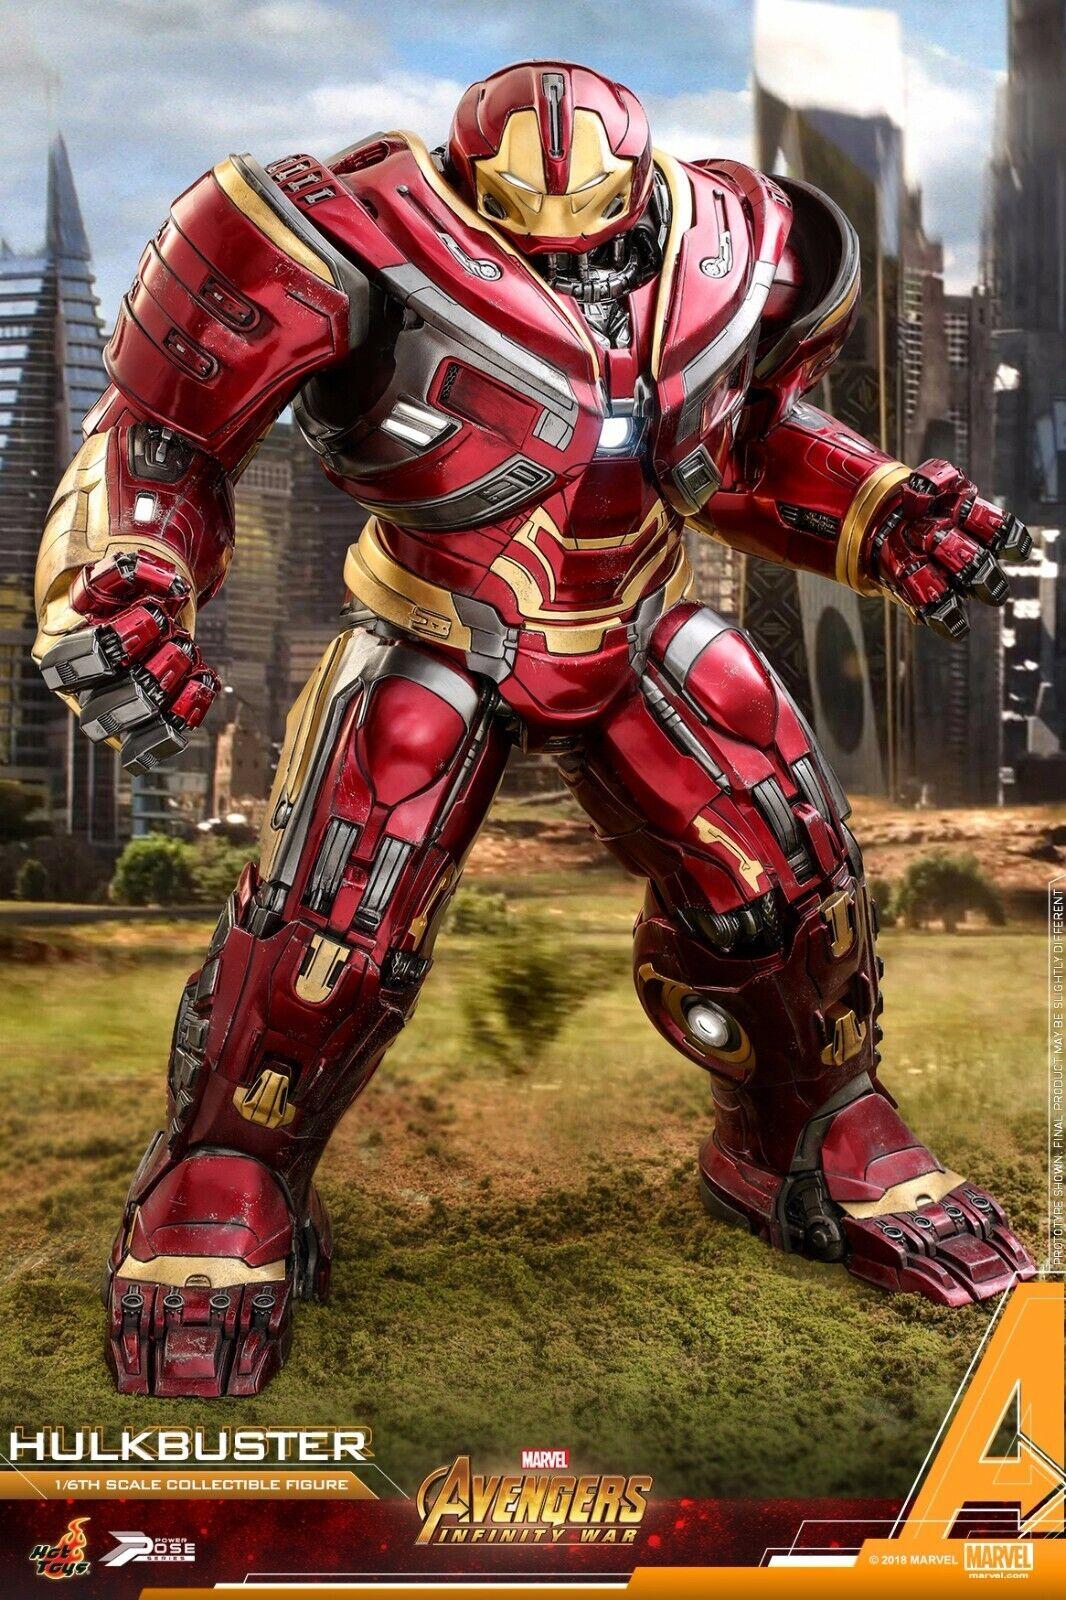 heta leksaker PPS005 Avengers 3  Iron Man Power Pose Hulkbusster 1  6 Figur